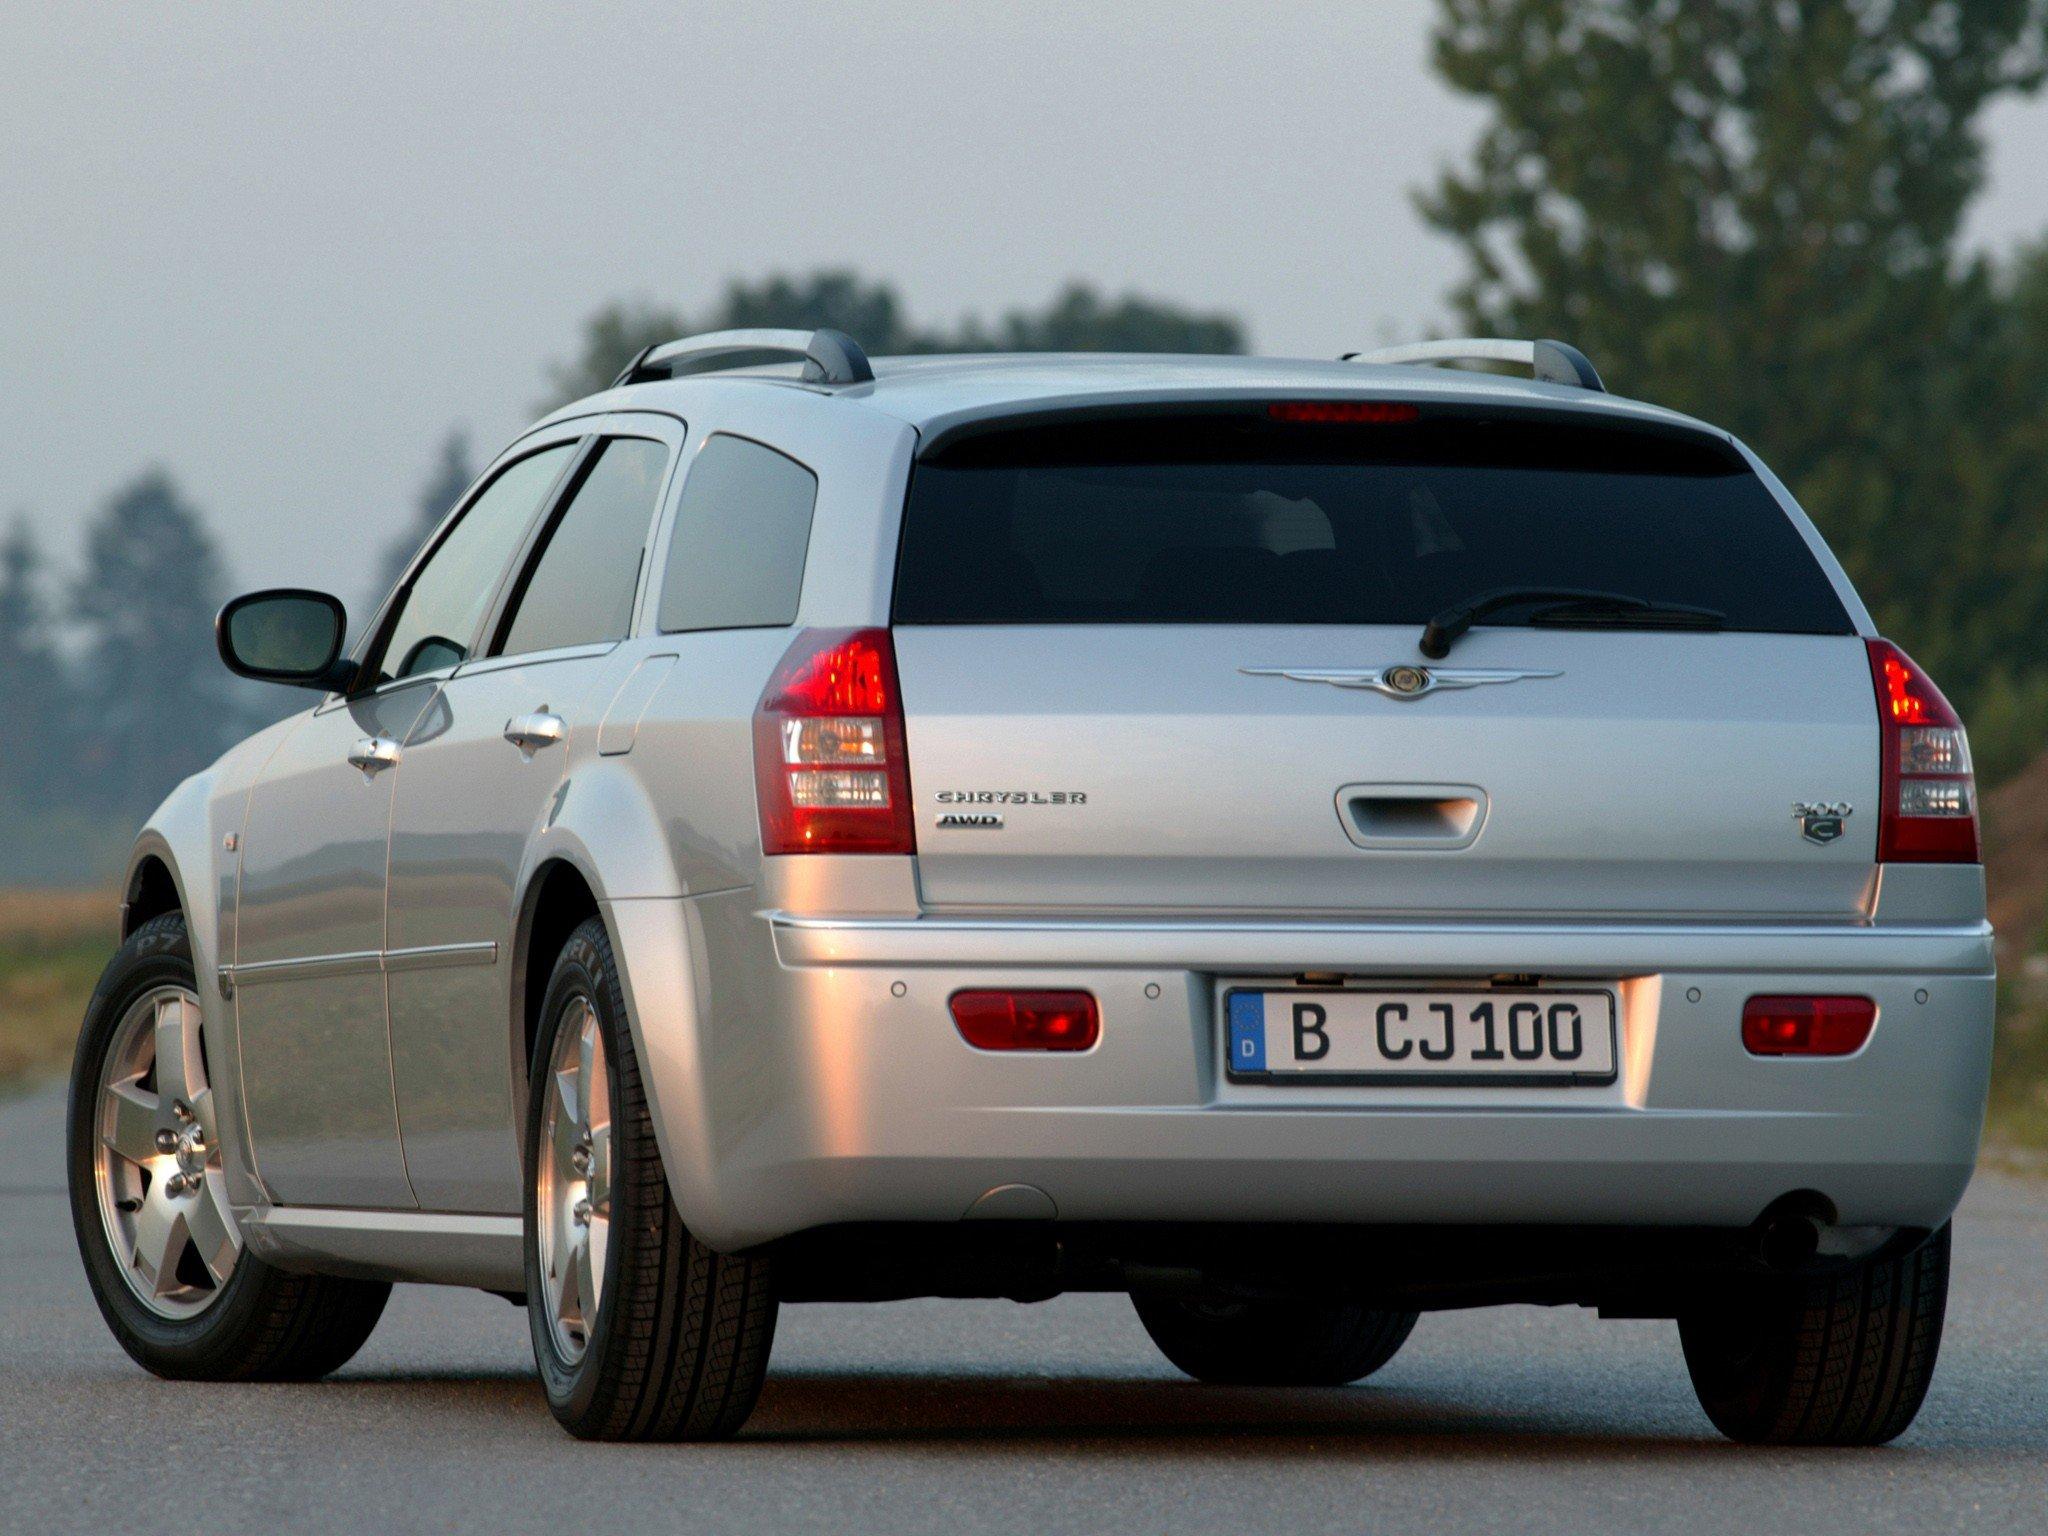 Насевере столицы уводителя Chrysler отобрали 7 млн руб.